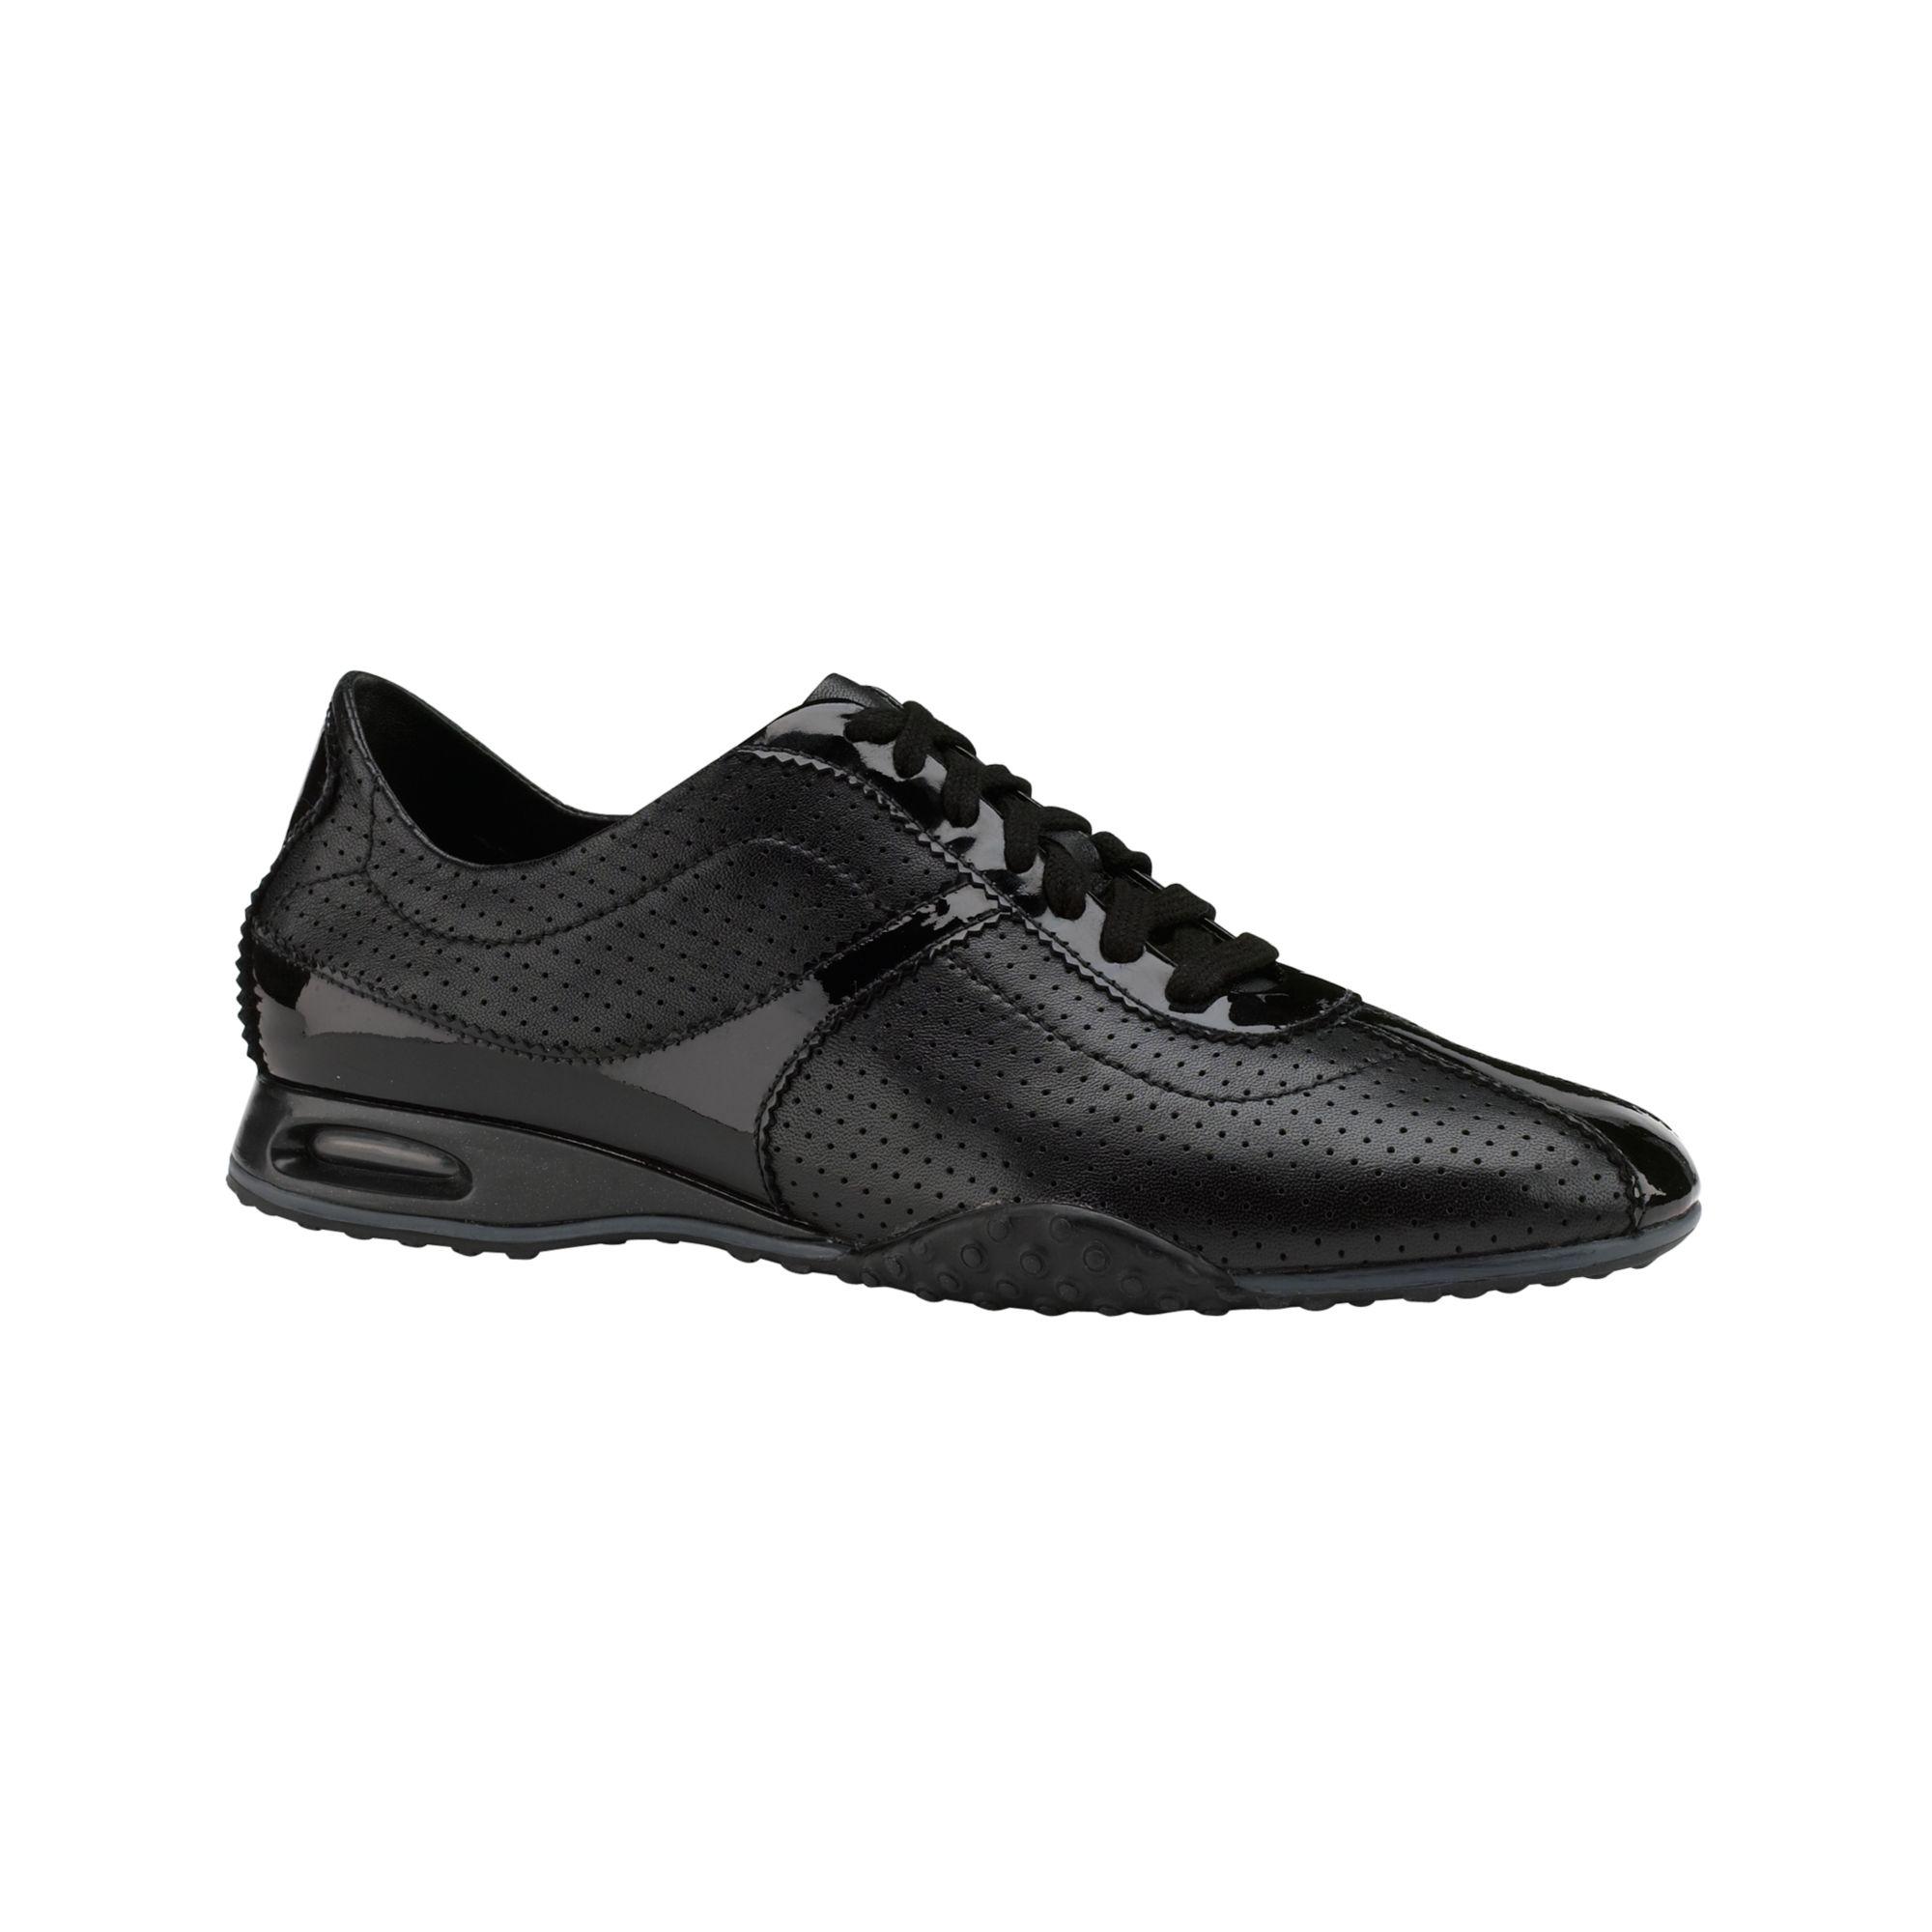 Cole Haan Air Bria Sneakers In Black Lyst